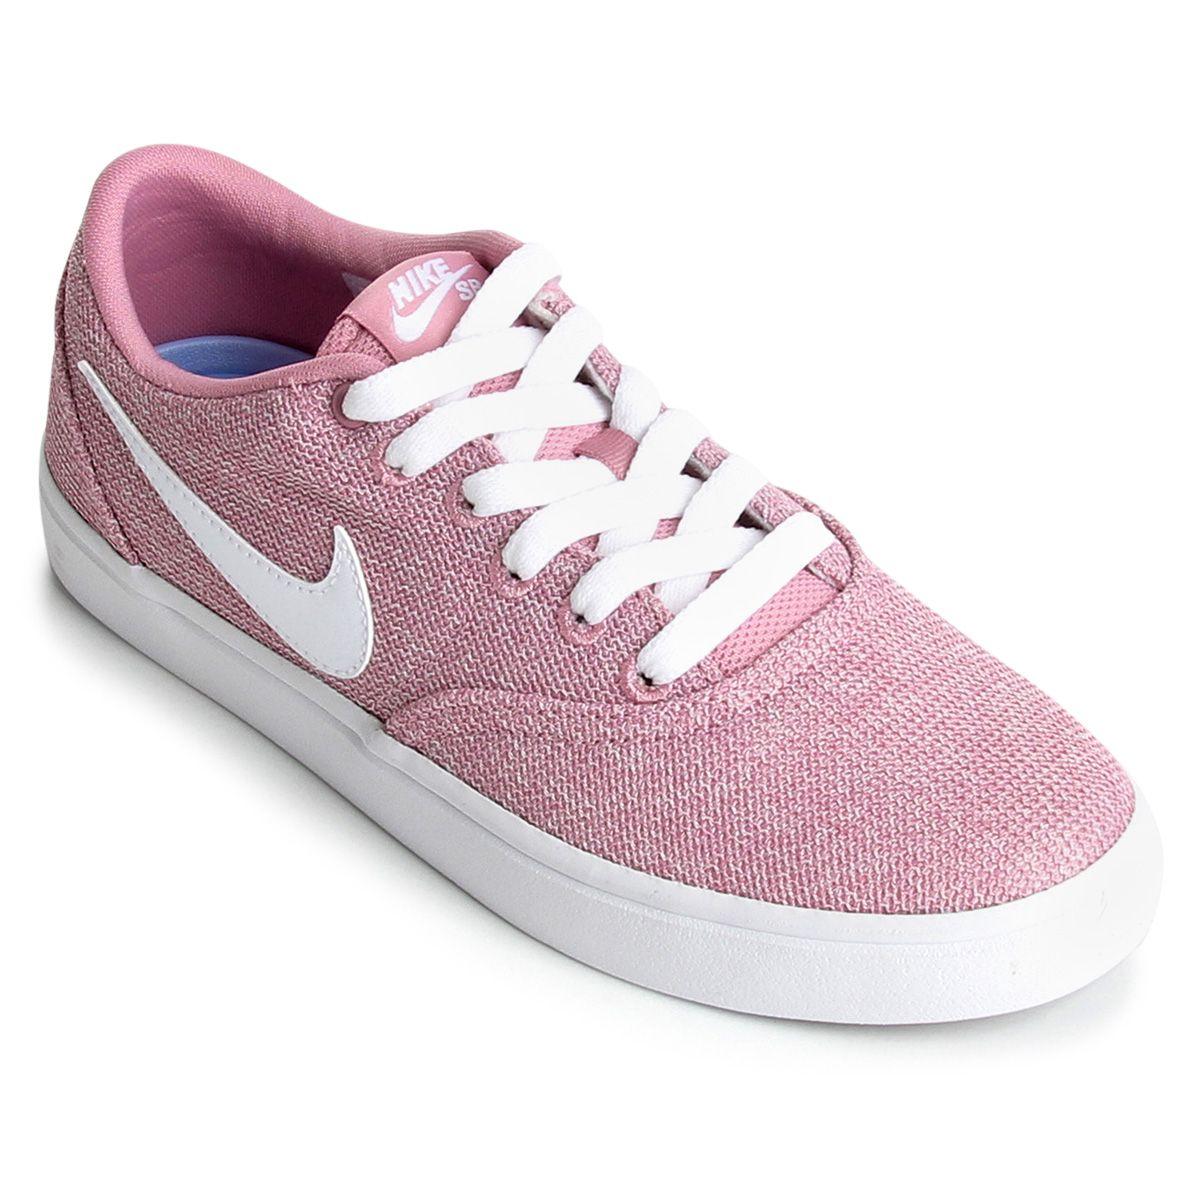 47130b25305 Tênis Nike Wmns Sb Check Solar Cvs P Feminino - Preto e Rosa em 2019 ...